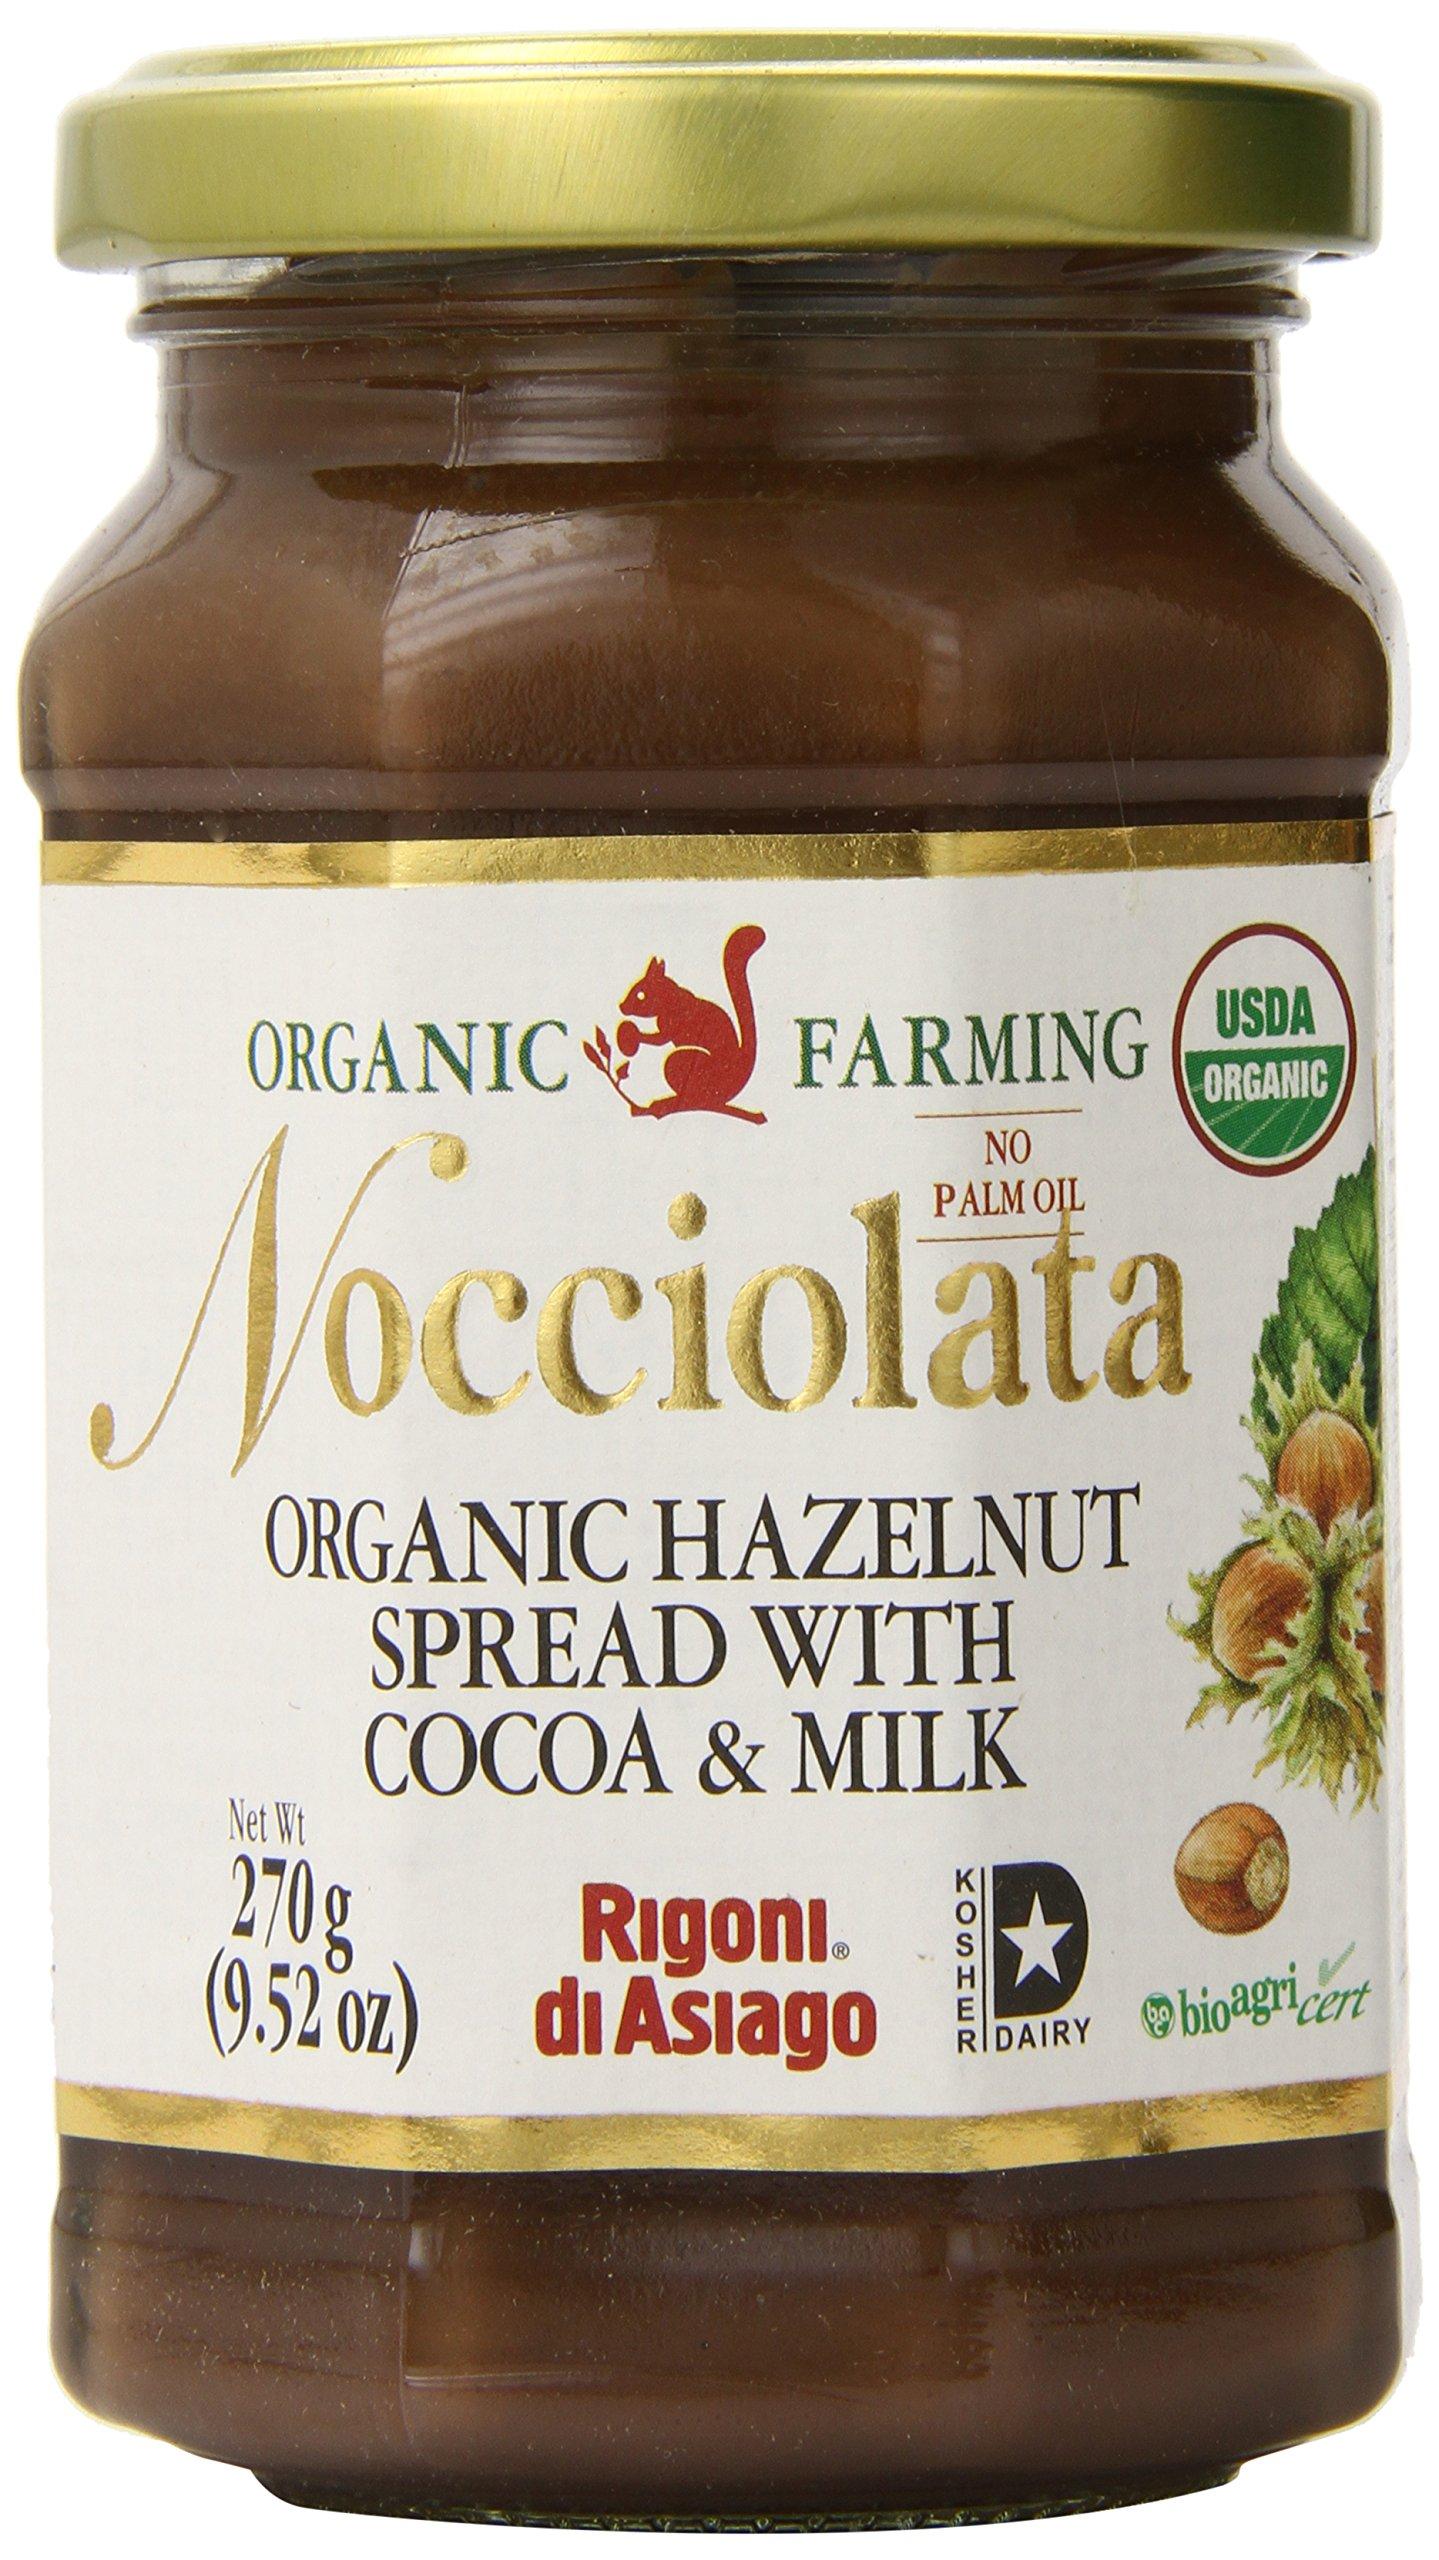 Rigoni Di Asiago Nocciolata Organic Hazelnut Spread, Cocoa and Milk, 9.52 Ounce Jar